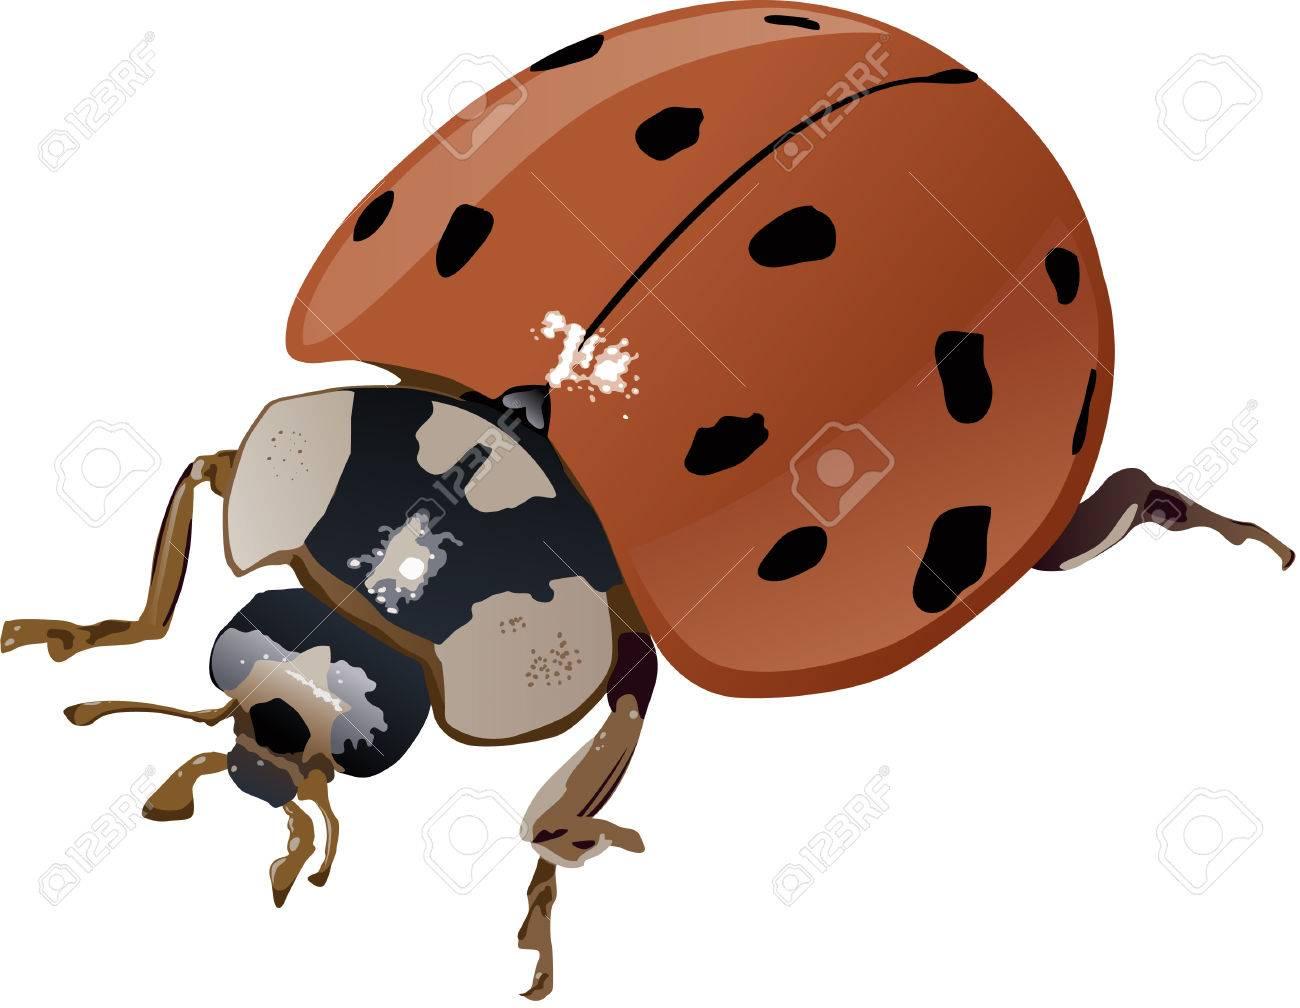 Adult sperhero bondage